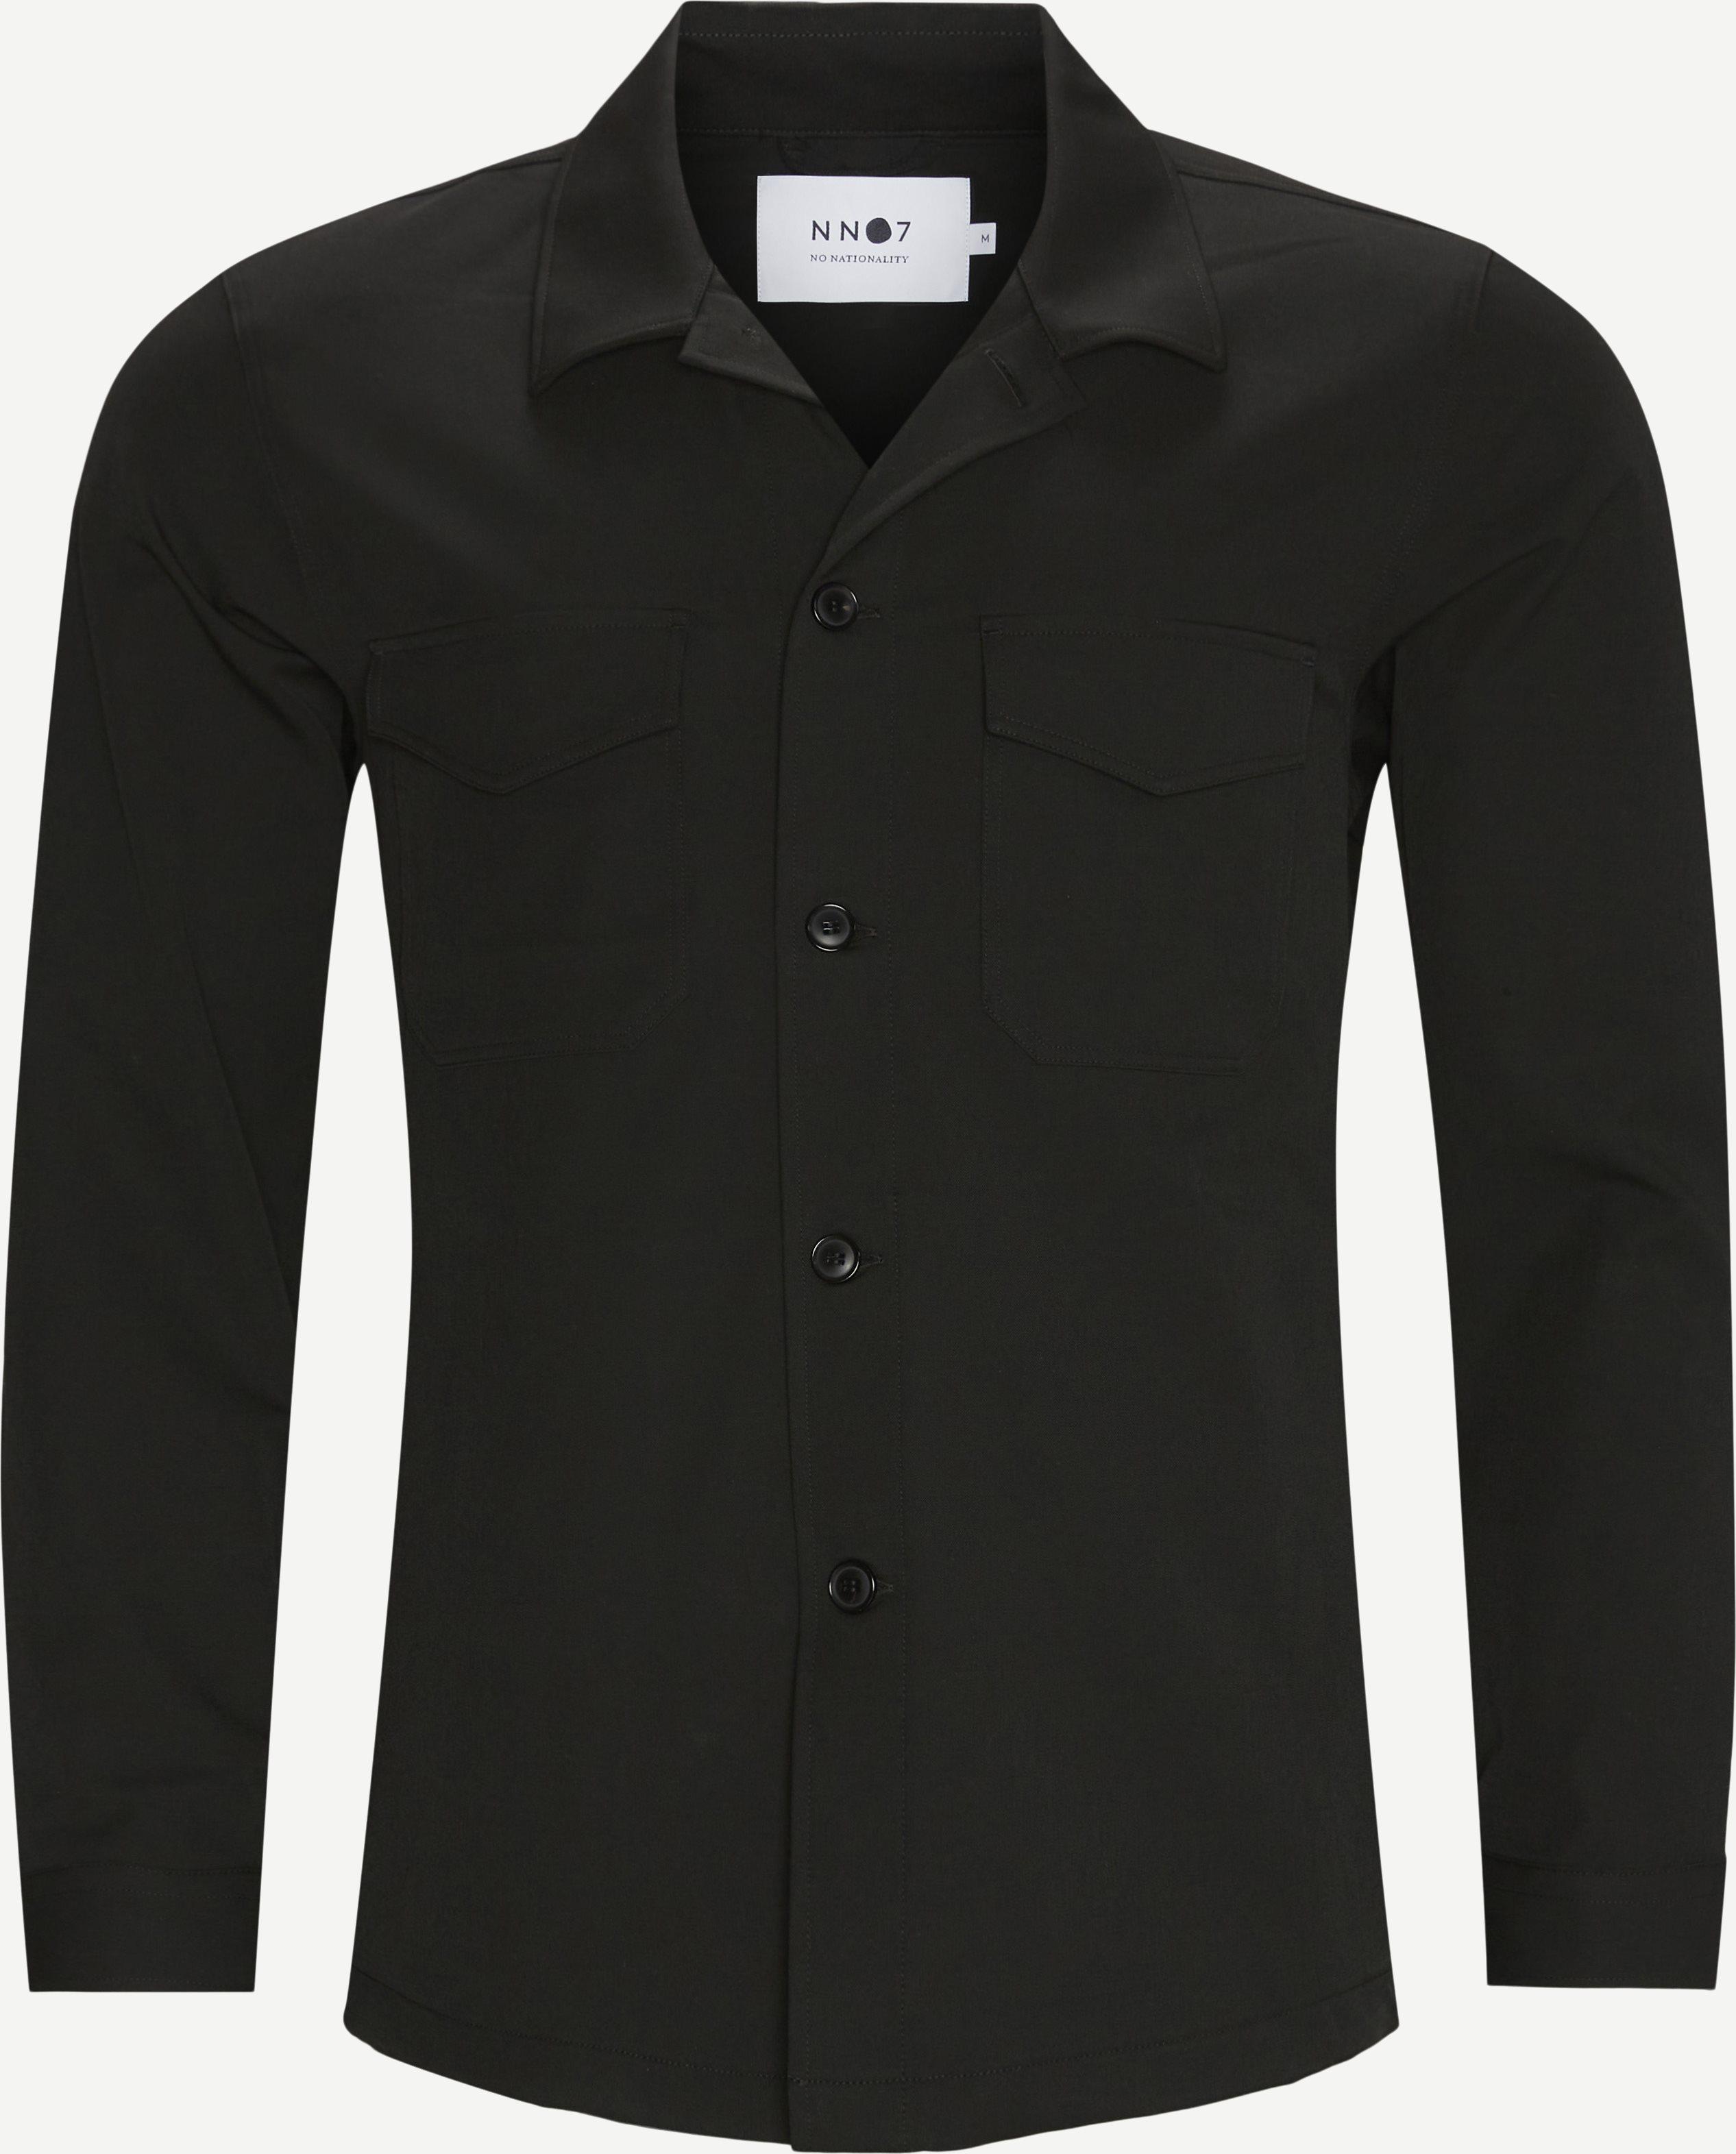 Bernard 1250 Overshirt - Overshirts - Regular fit - Sort